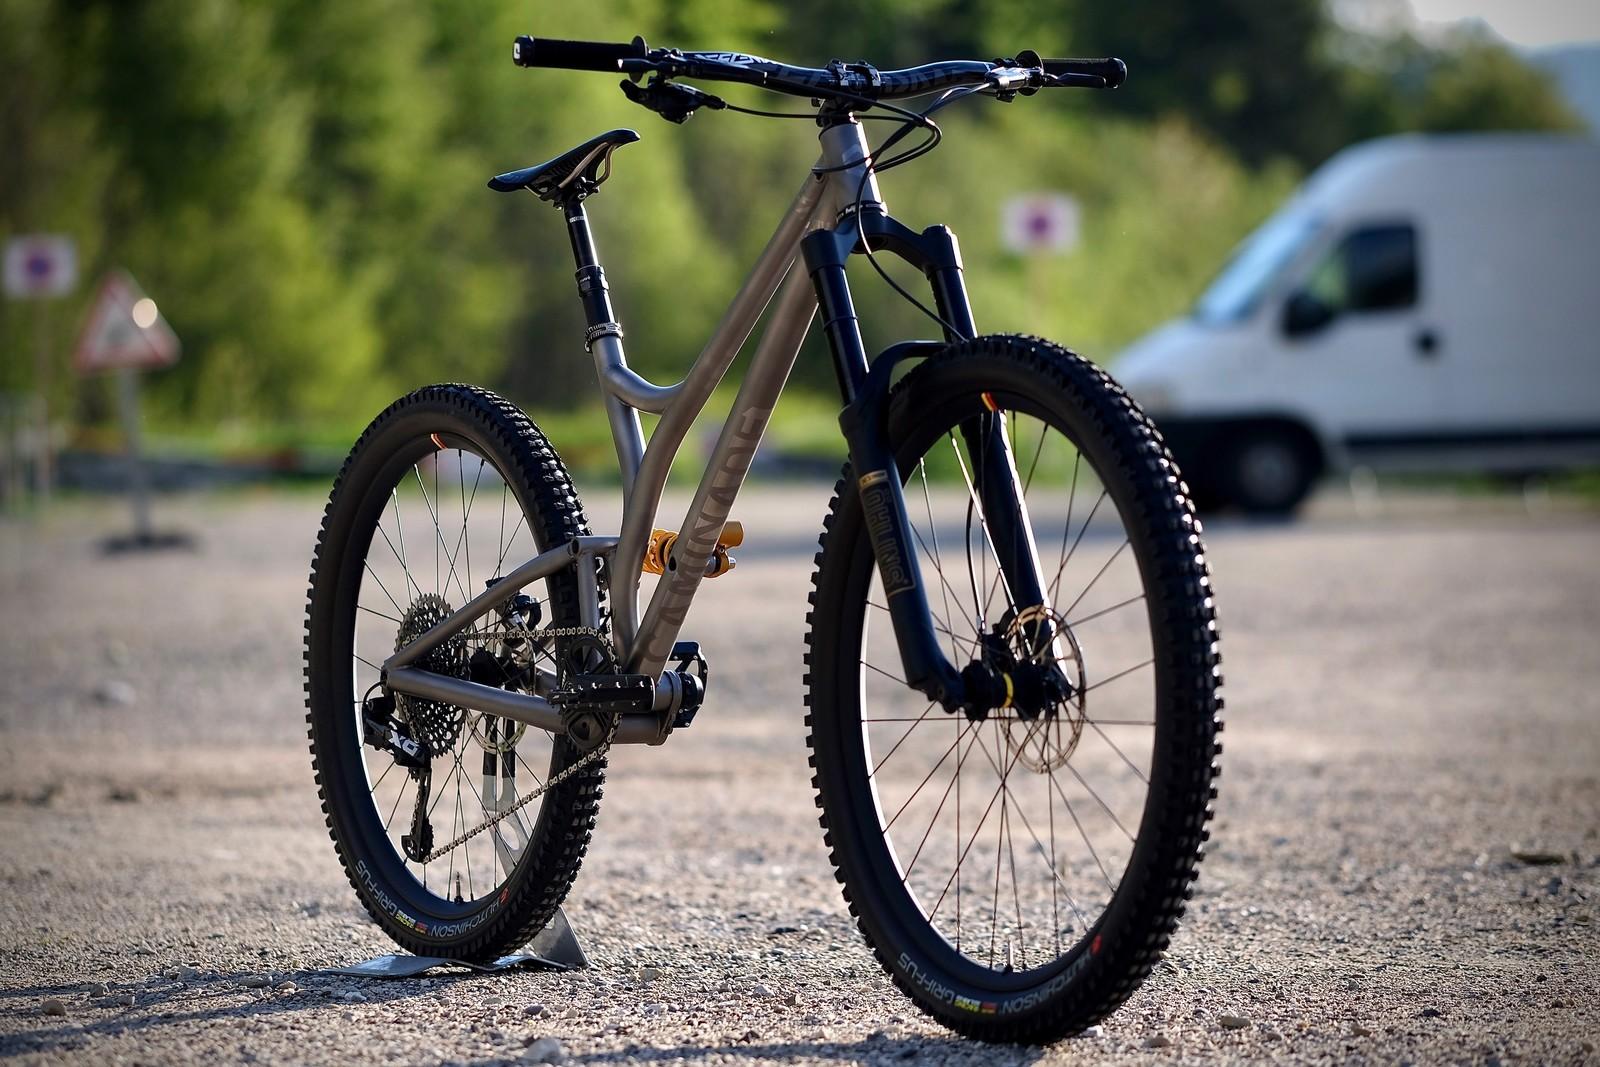 Caminade build his new titanium enduro bike : ChillEasy